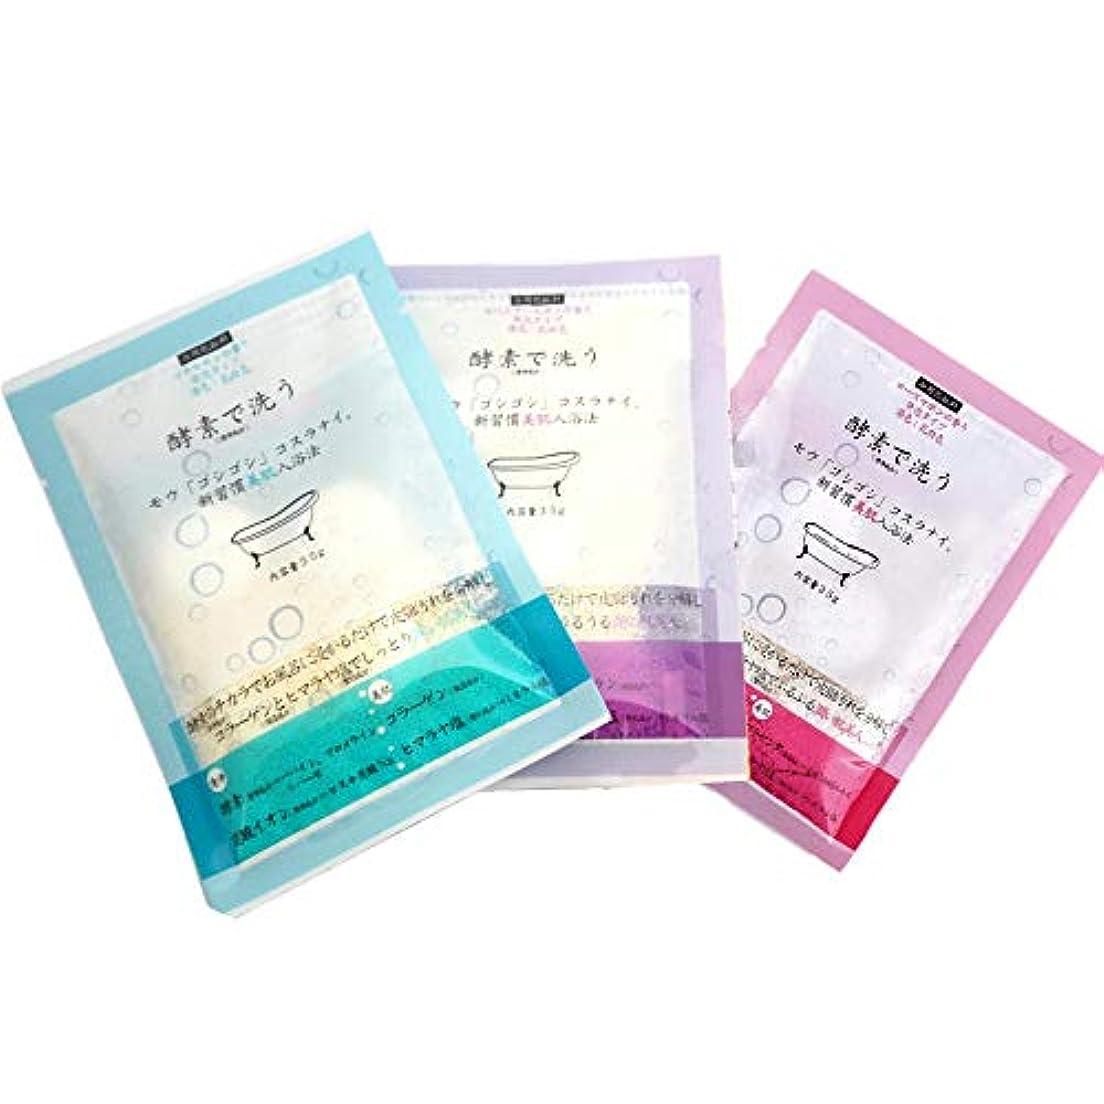 驚き調和のとれたいまほんやら堂 酵素で洗う入浴料 3種詰め合わせセット 35g×12個入リ(プチセボン、ローズセボン、ラベンダー)